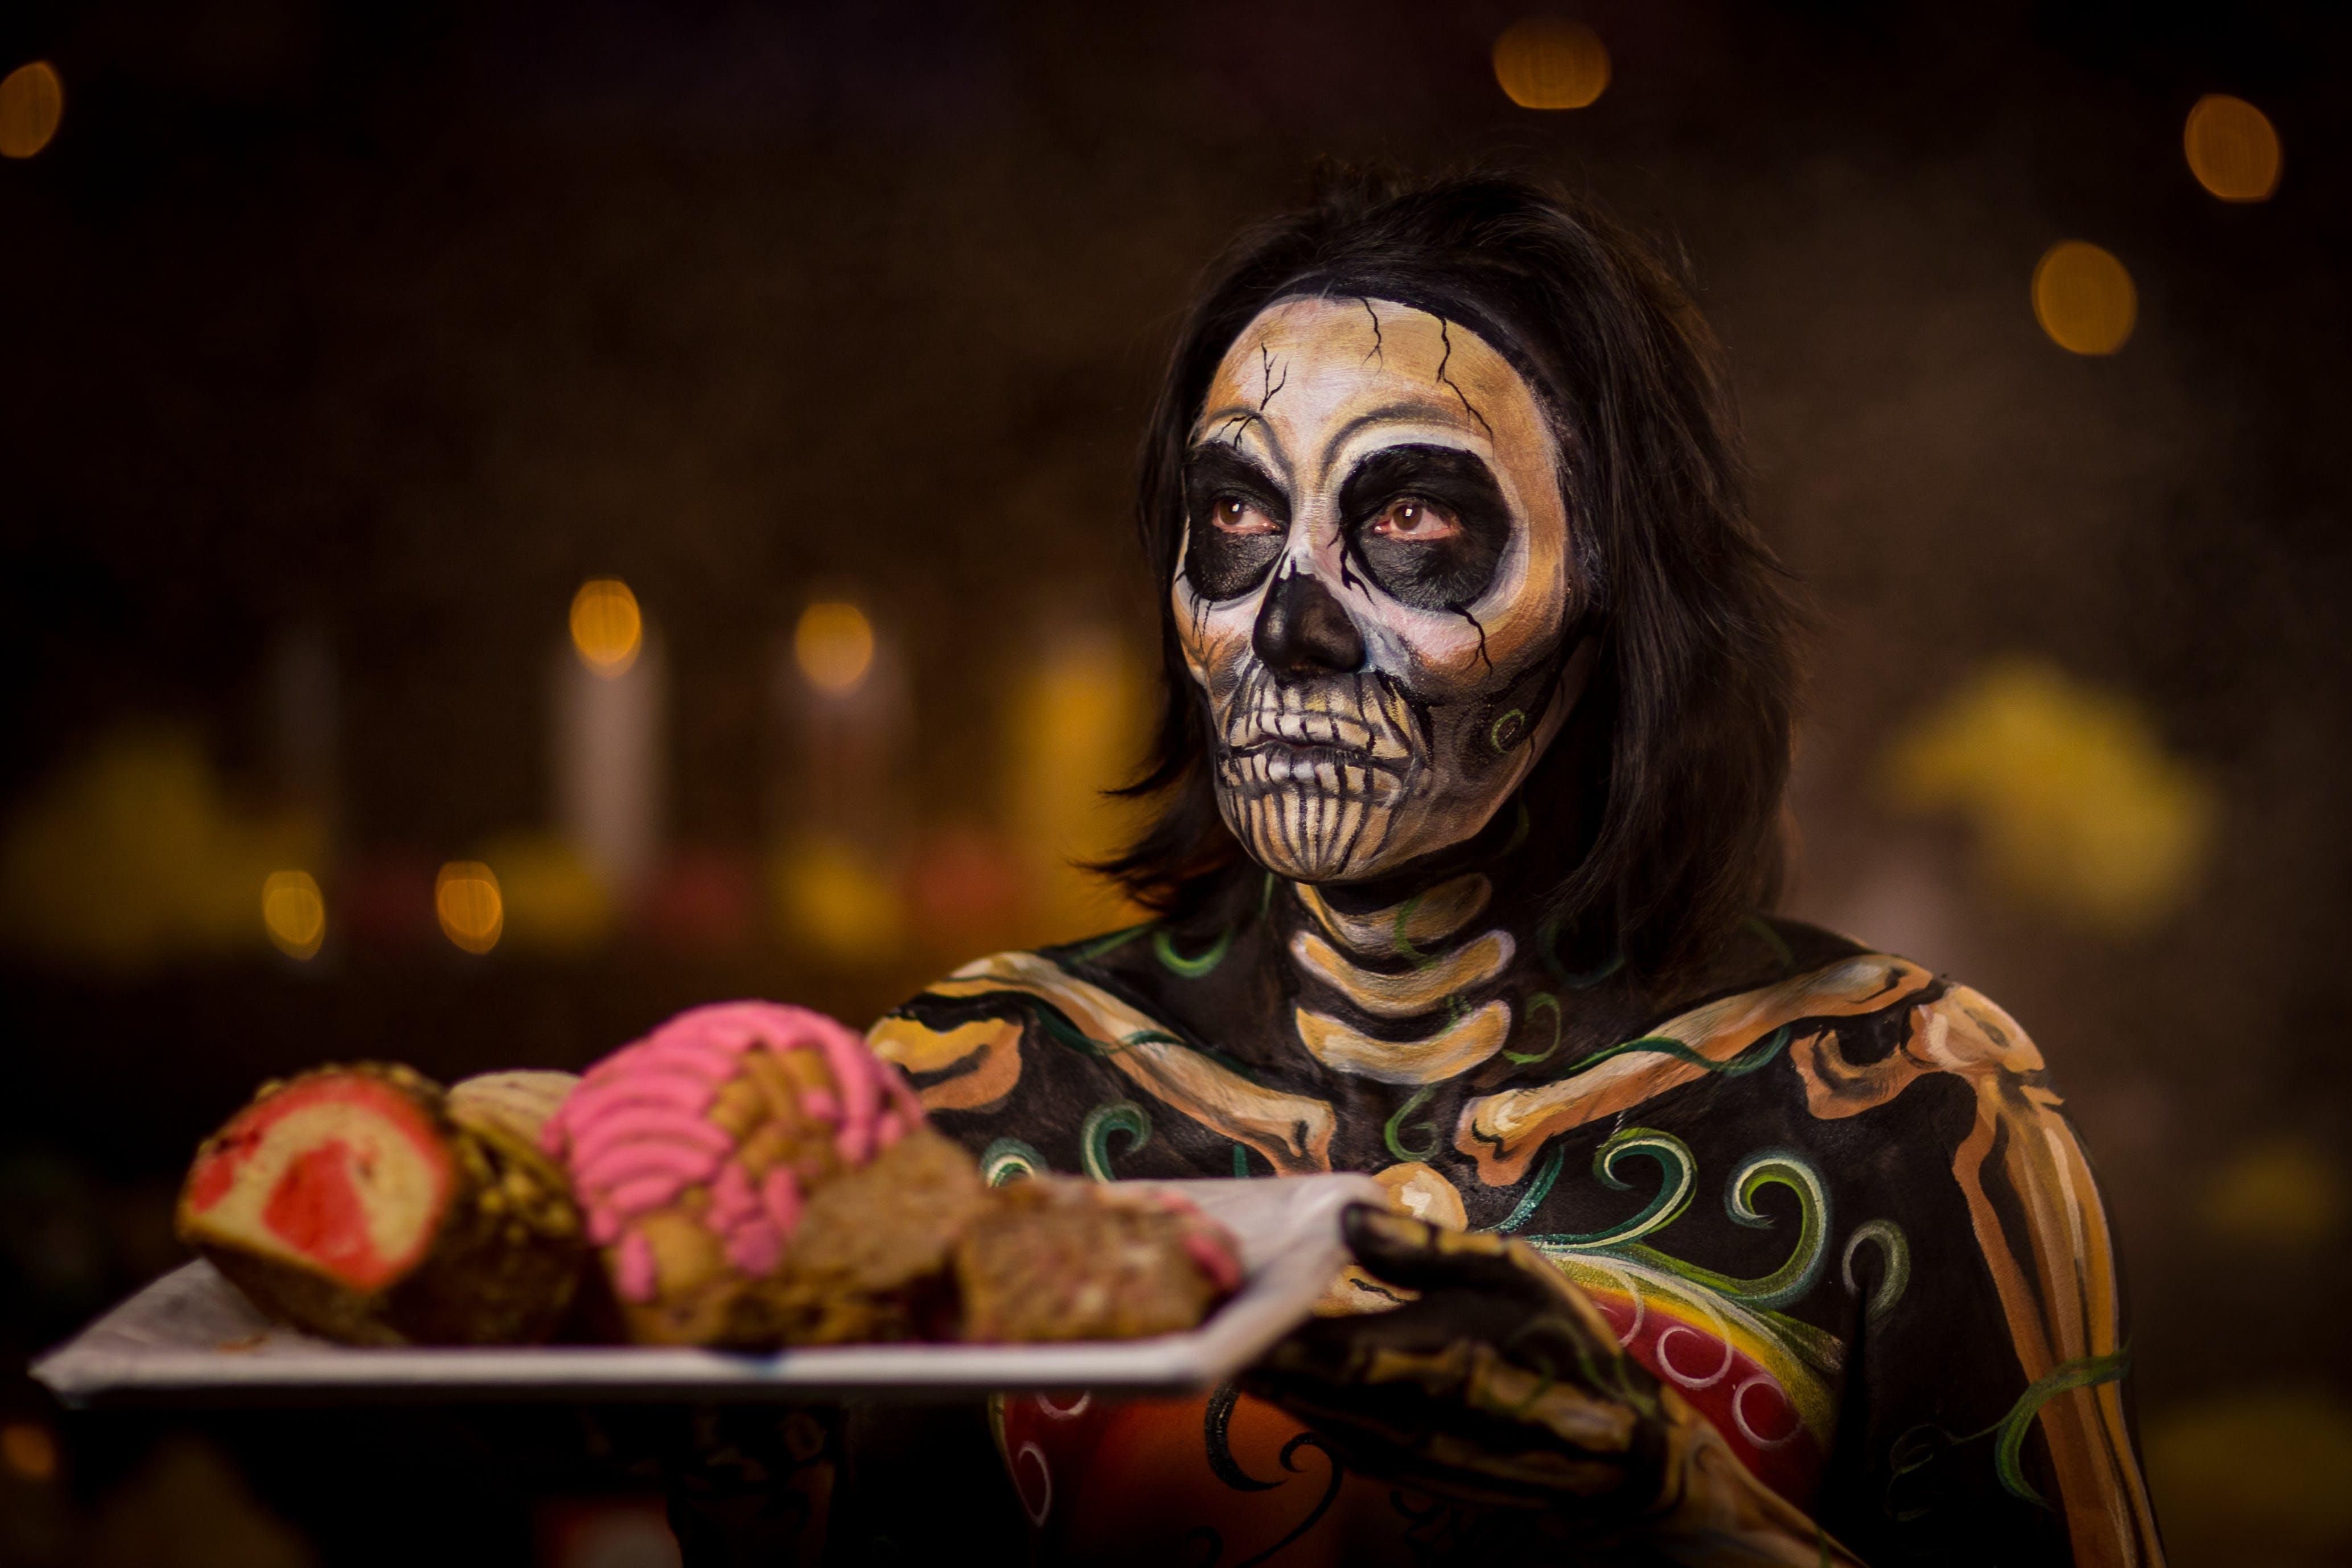 <p><em>Photo: Dia de Los Casi Muertos project. Credit: Juan Ossa</em></p>